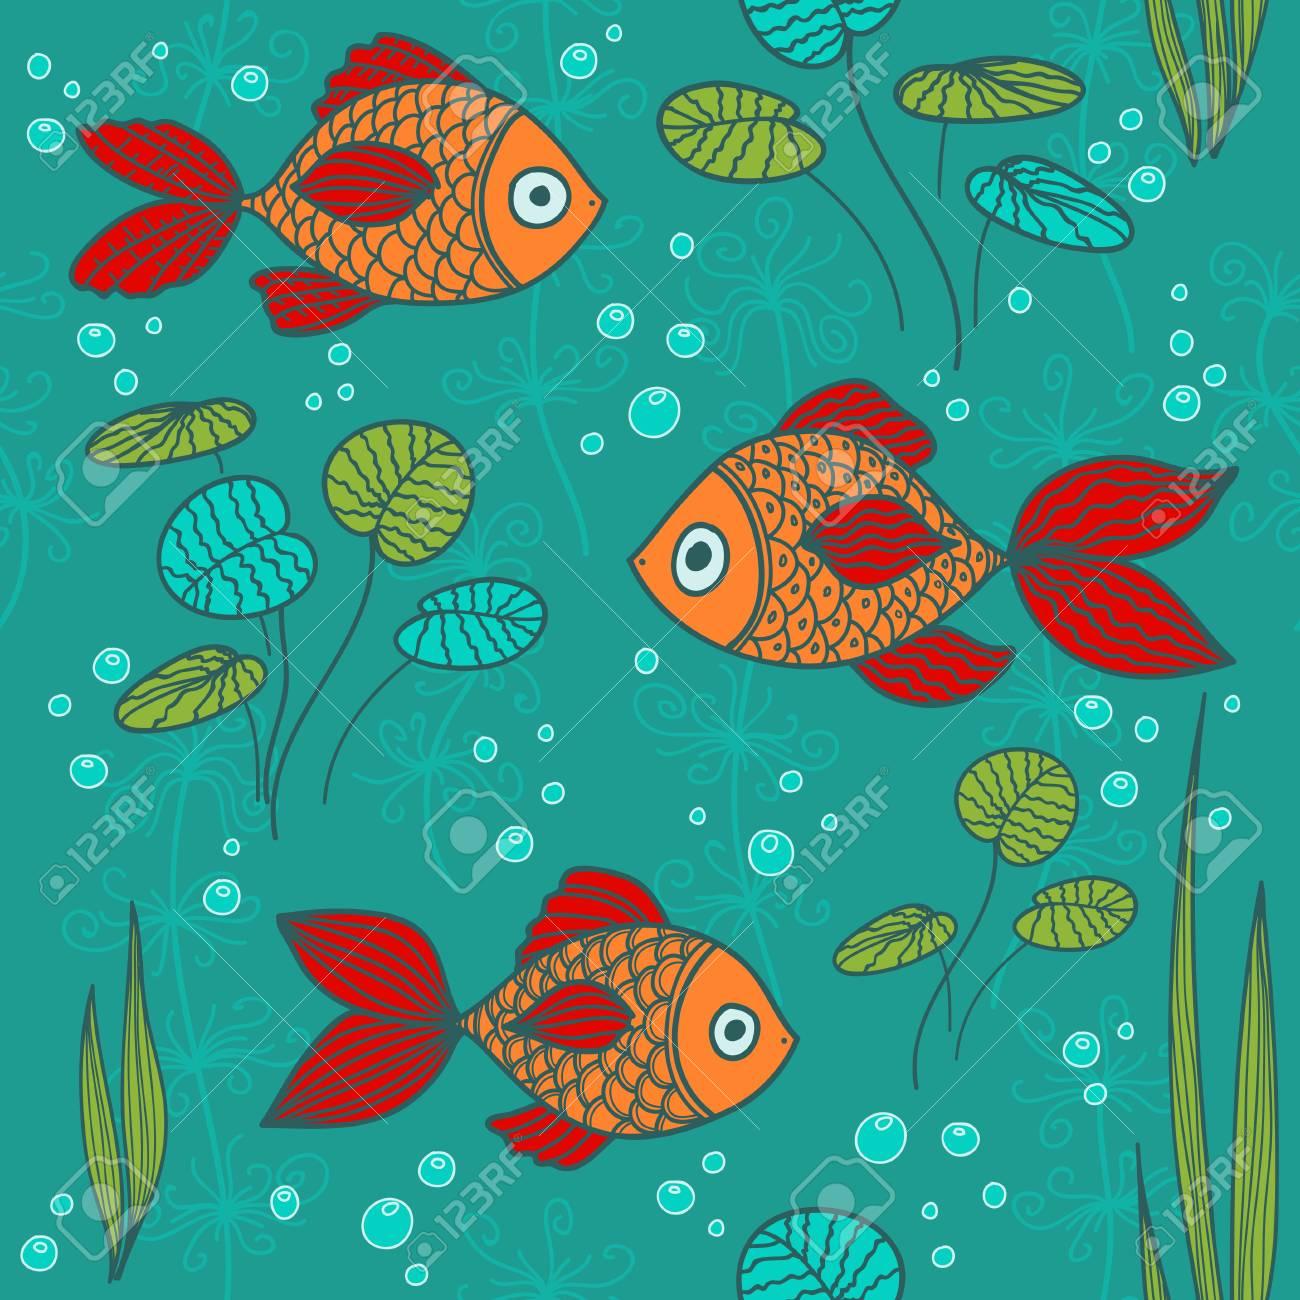 los peces en un estanque foto de archivo